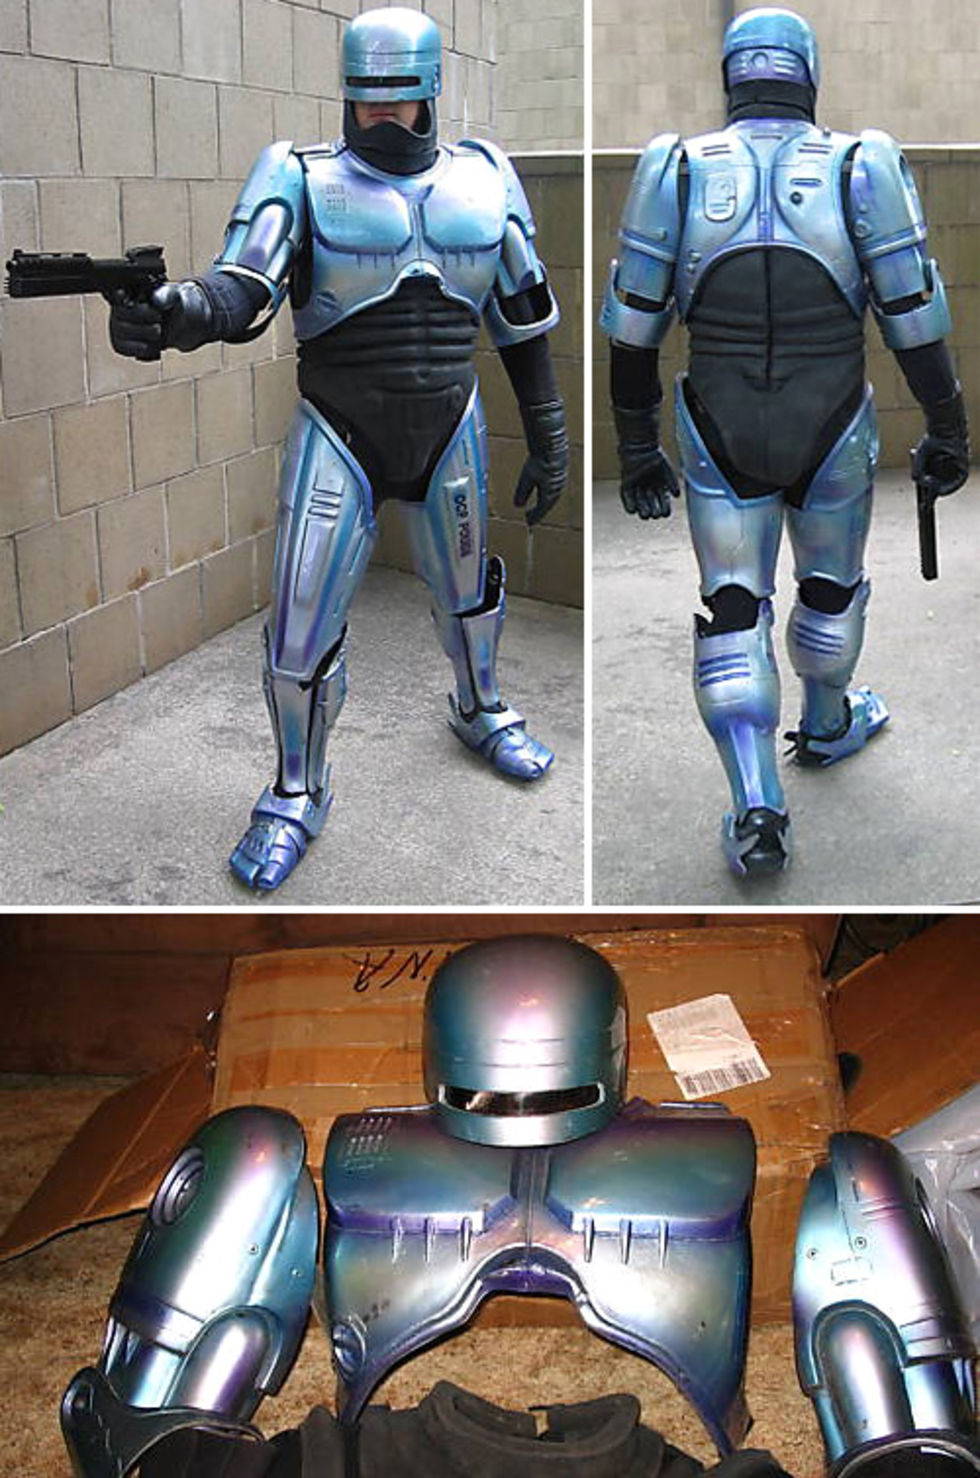 Köp en RoboCop-kostym